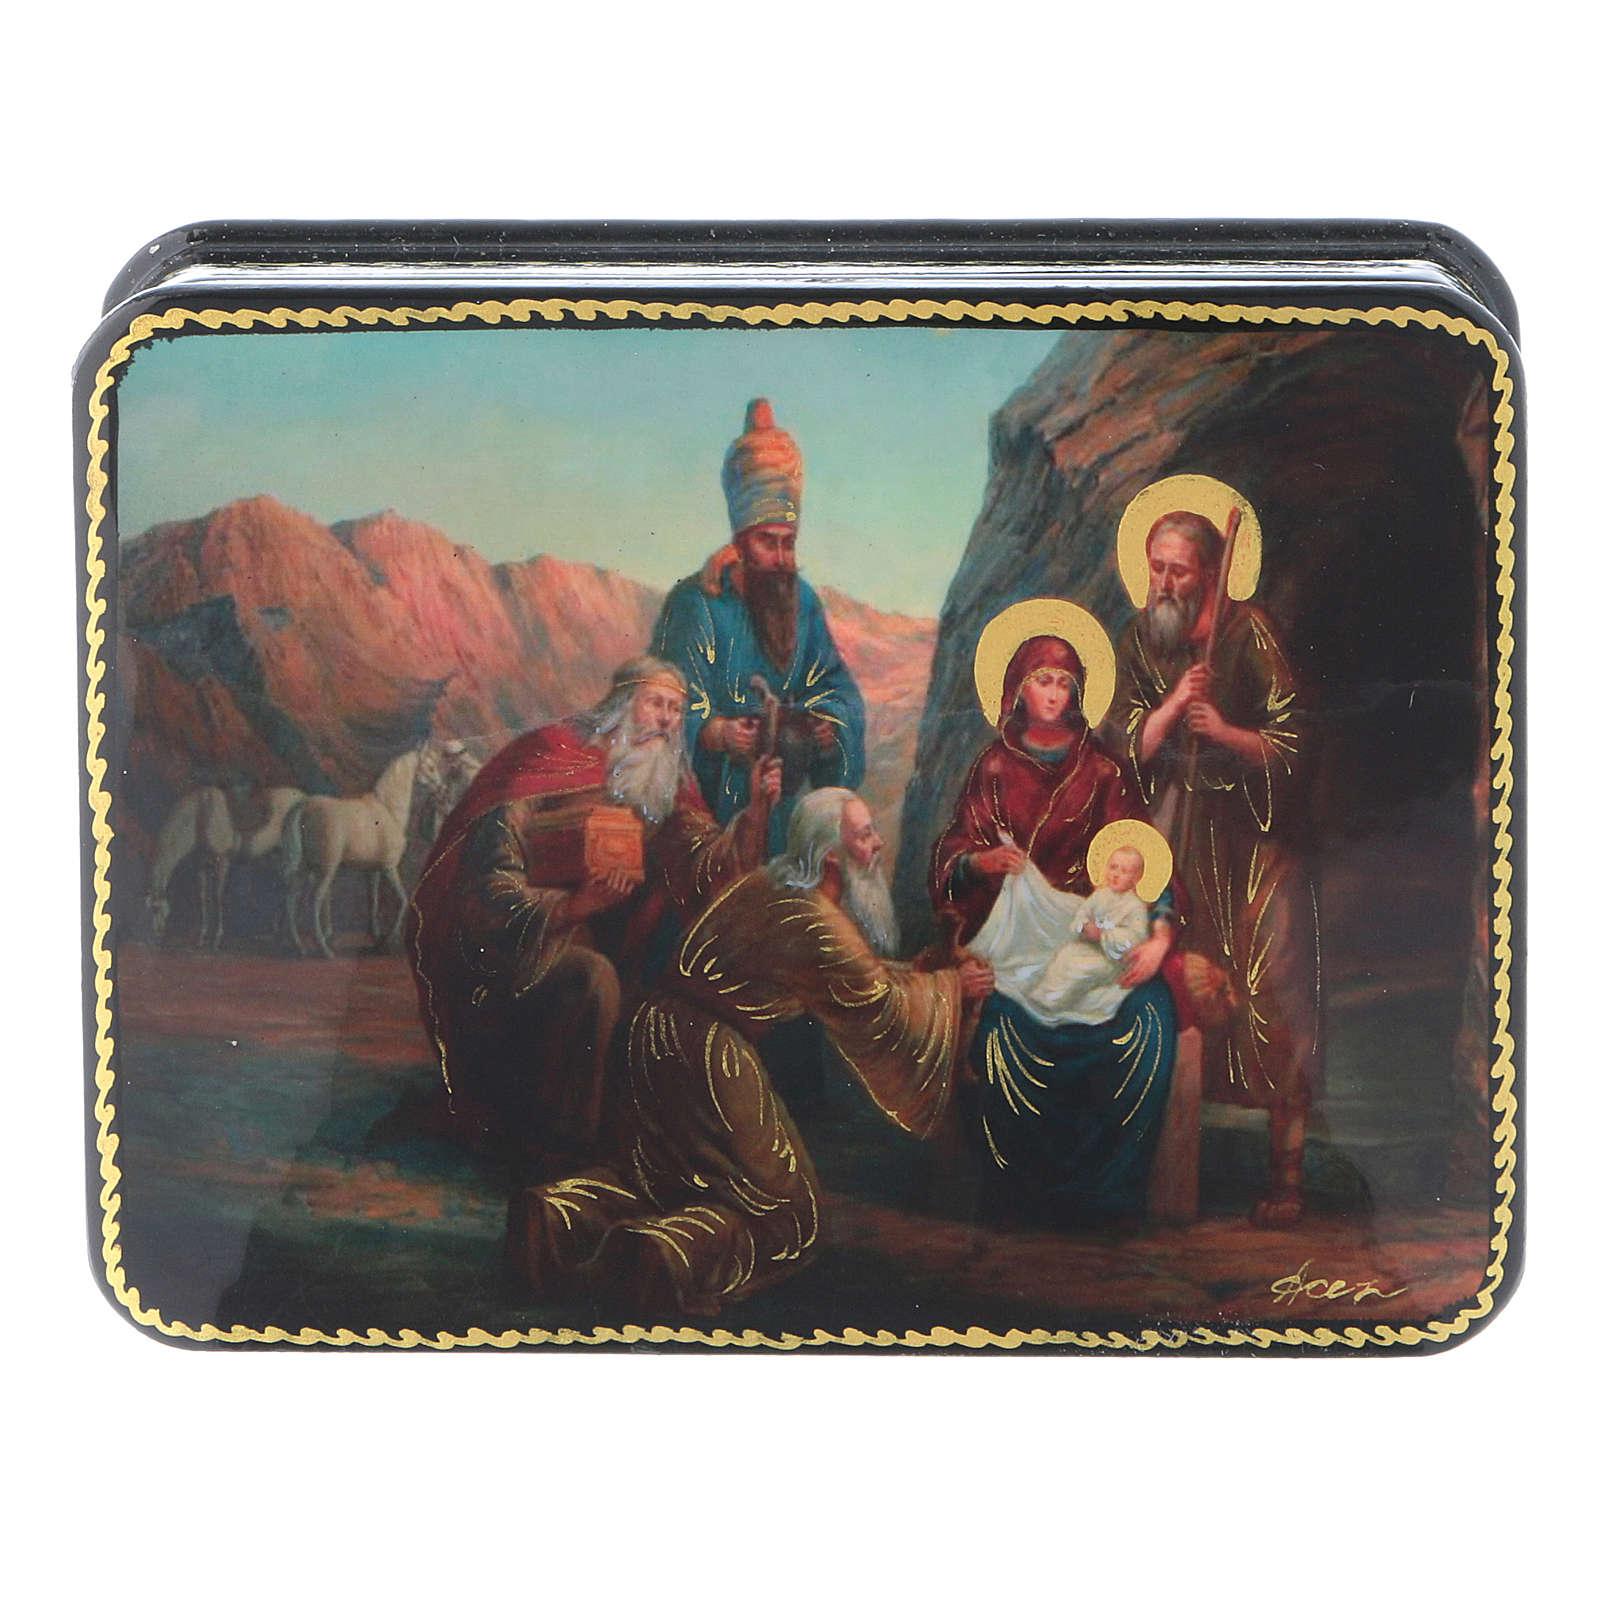 Scatola russa cartapesta Nascita Cristo Adorazione Magi Fedoskino style 11x8 4